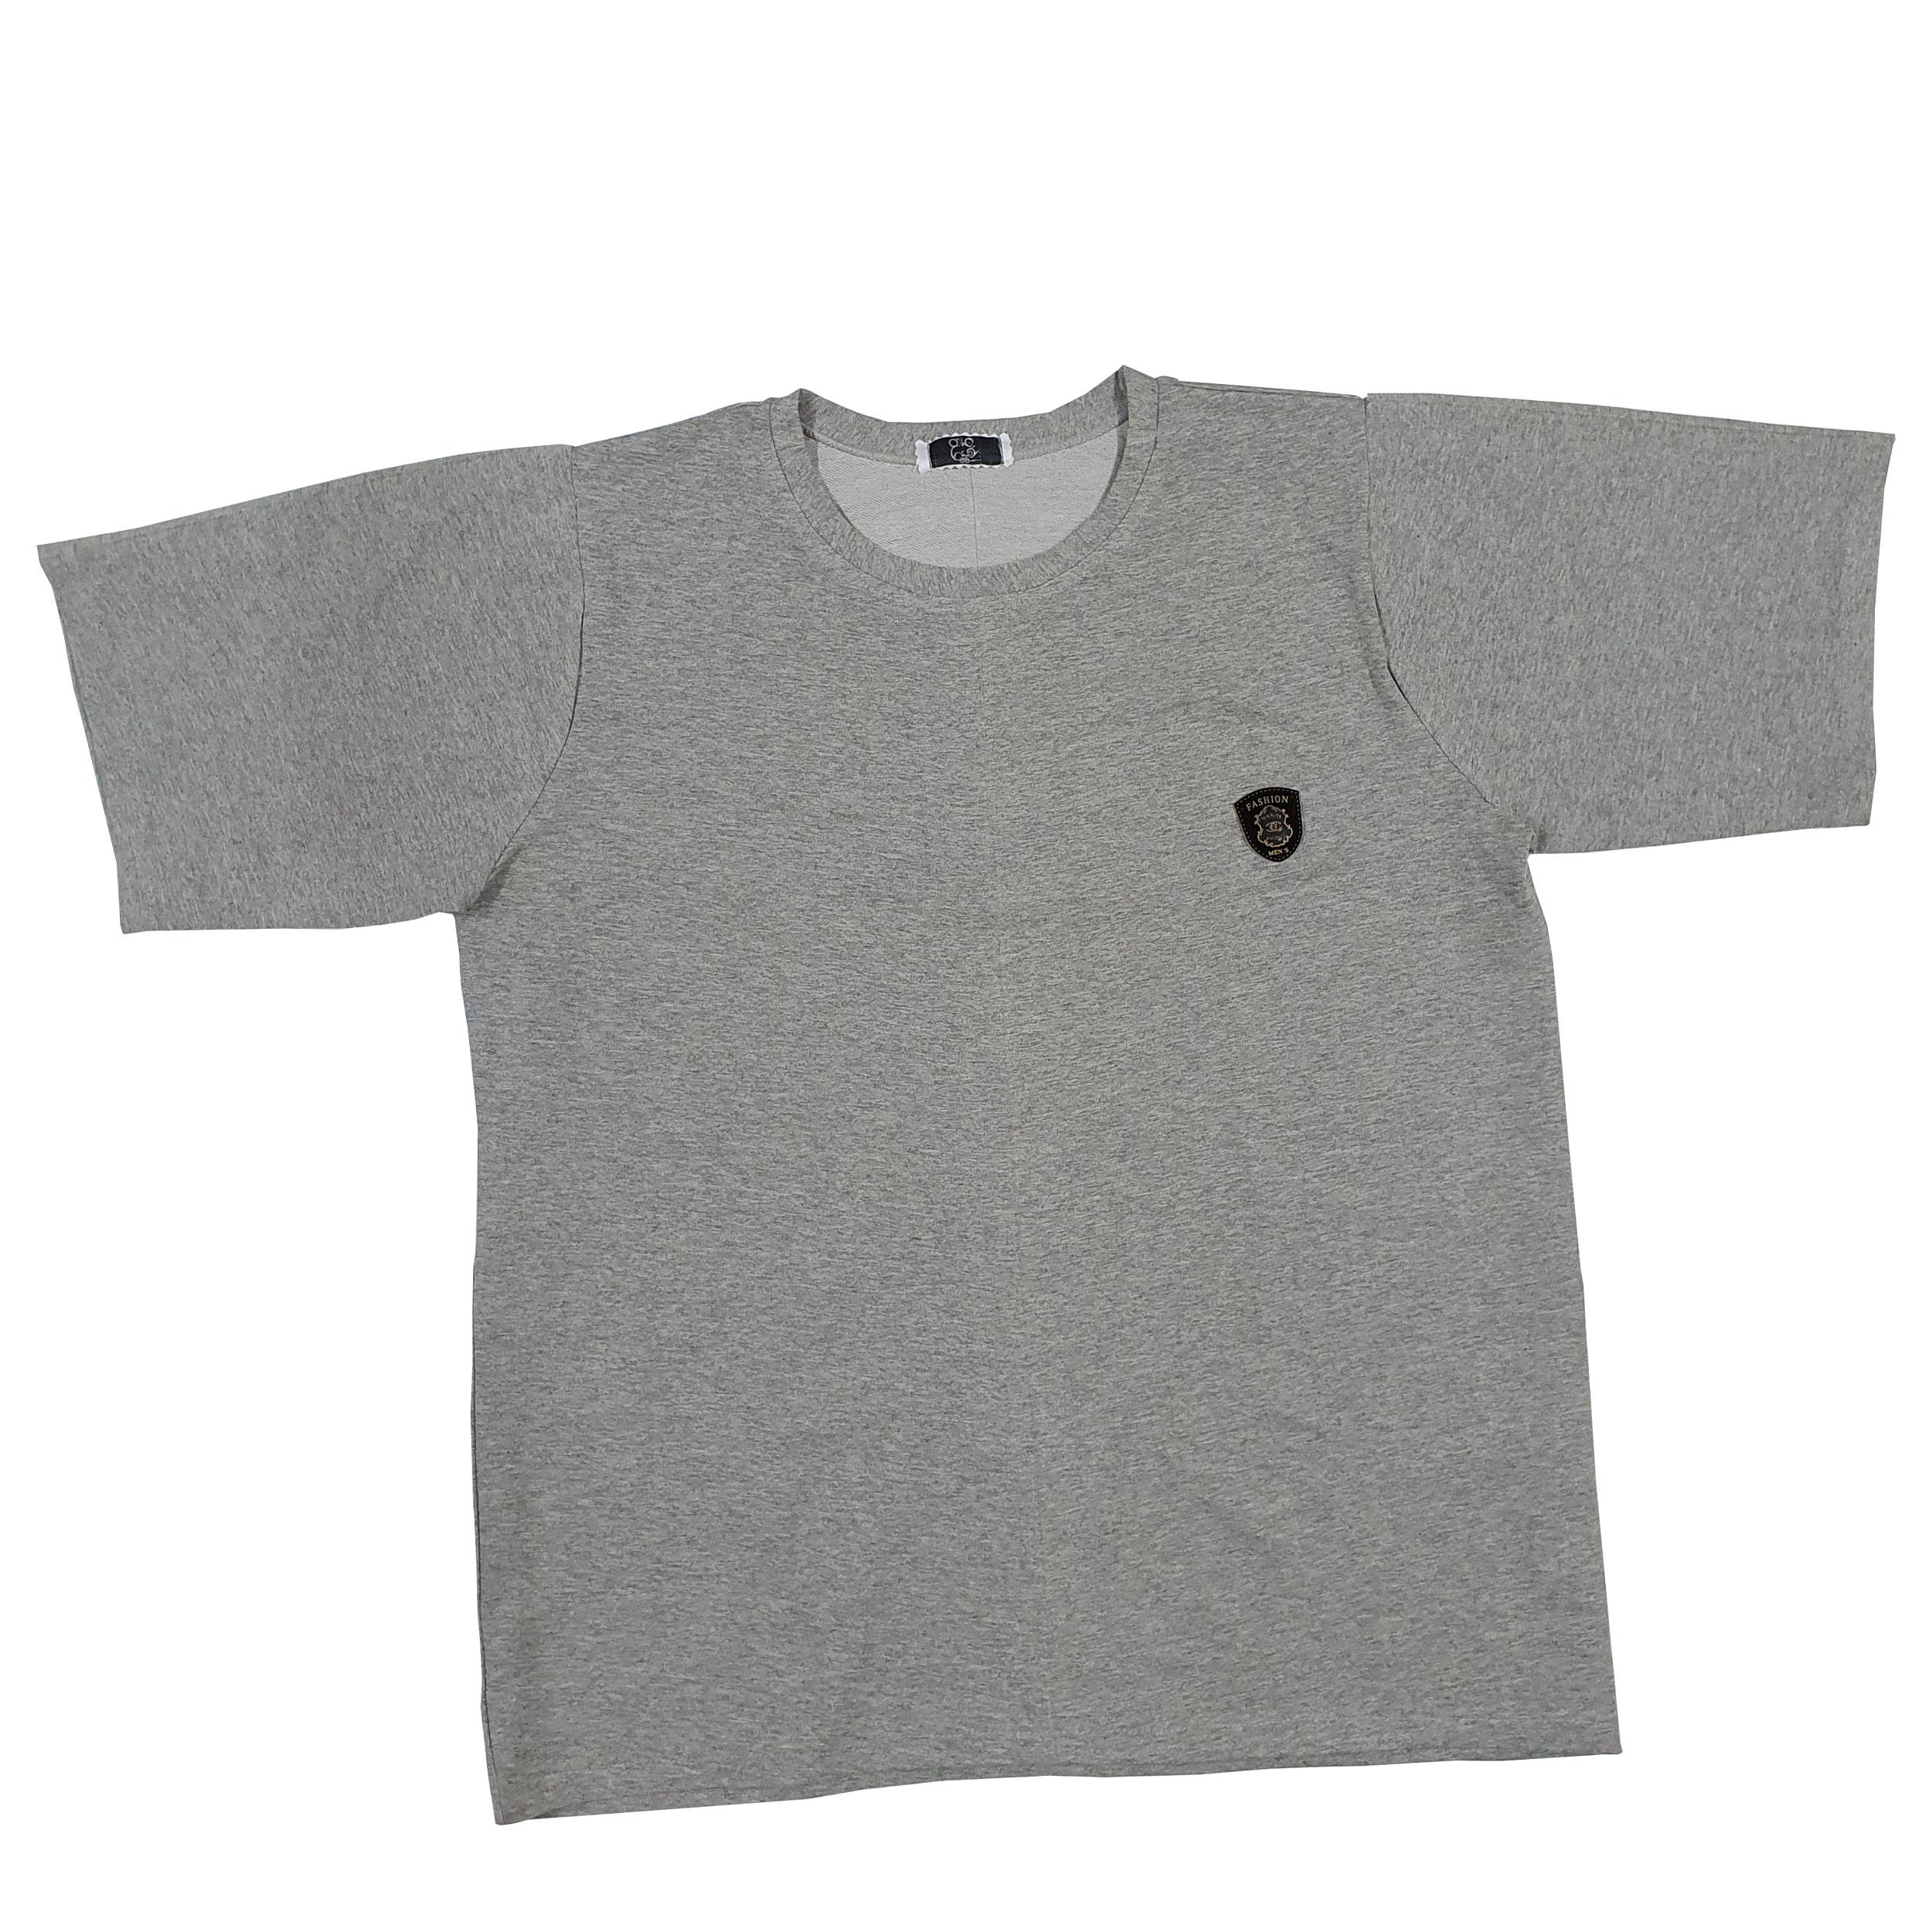 تی شرت آستین کوتاه مردانه مدل 13